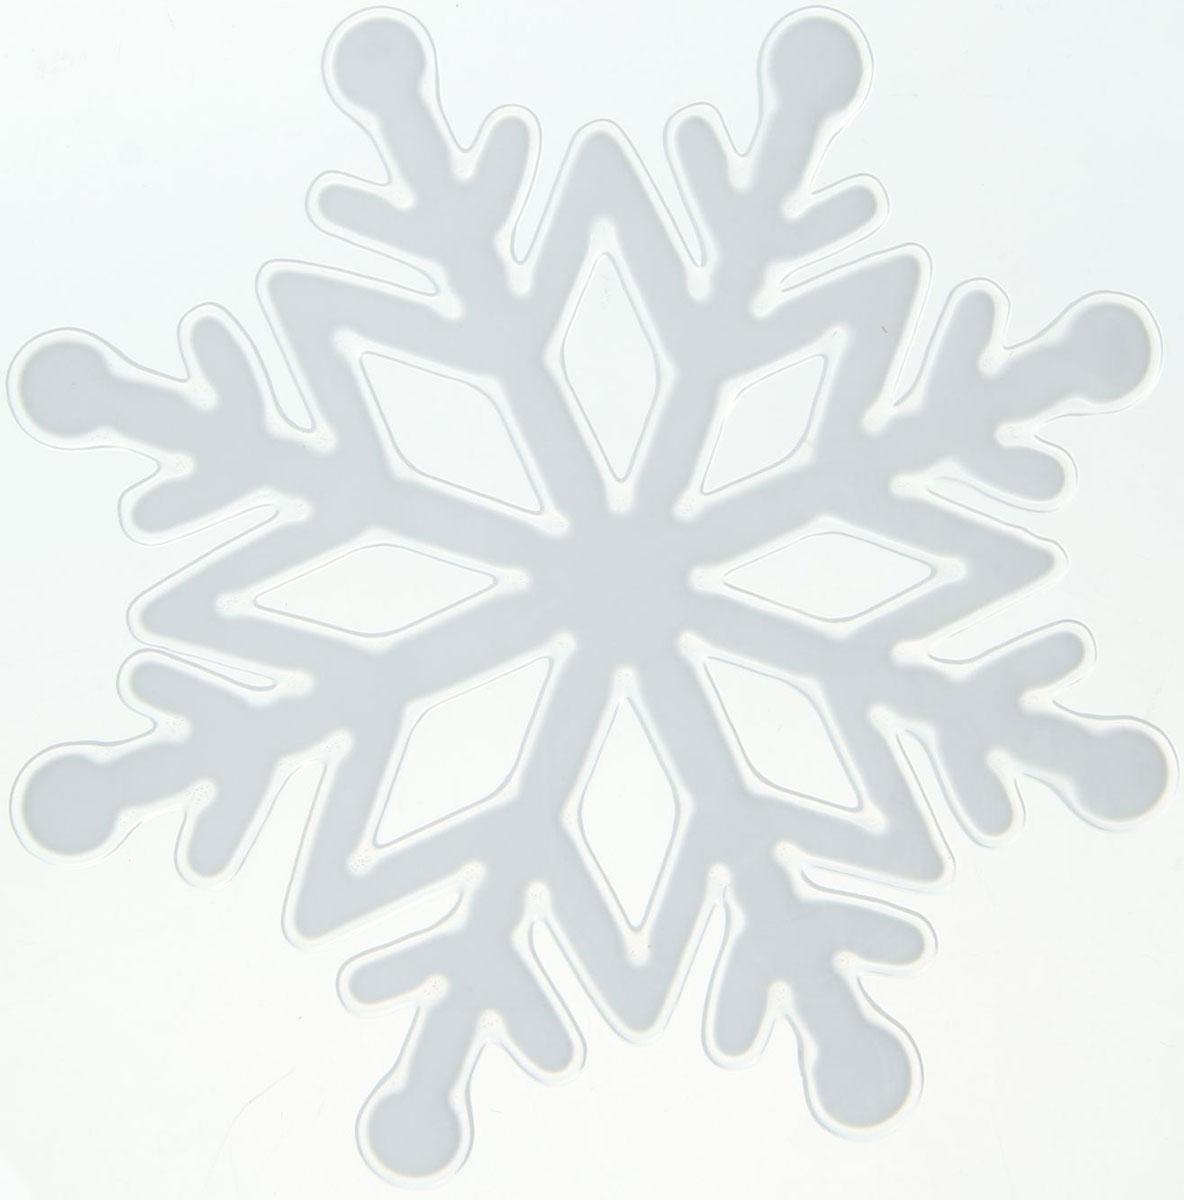 Наклейка на стекло Белая снежинка с ромбиками1399690Зимой не только мороз украшает стекла узорами. Сделайте интерьер еще торжественней: преобразите его с помощью специальных наклеек! Декор из силикона не содержит клей и не оставляет следов. Пластичная фигурка сама прилипает к гладкой поверхности, а в конце зимних праздников ее легко снять и отложить до следующего года. Прикрепите на стекло или зеркало одно украшение или создайте целую композицию. Новогодние наклейки приблизят праздничное настроение!